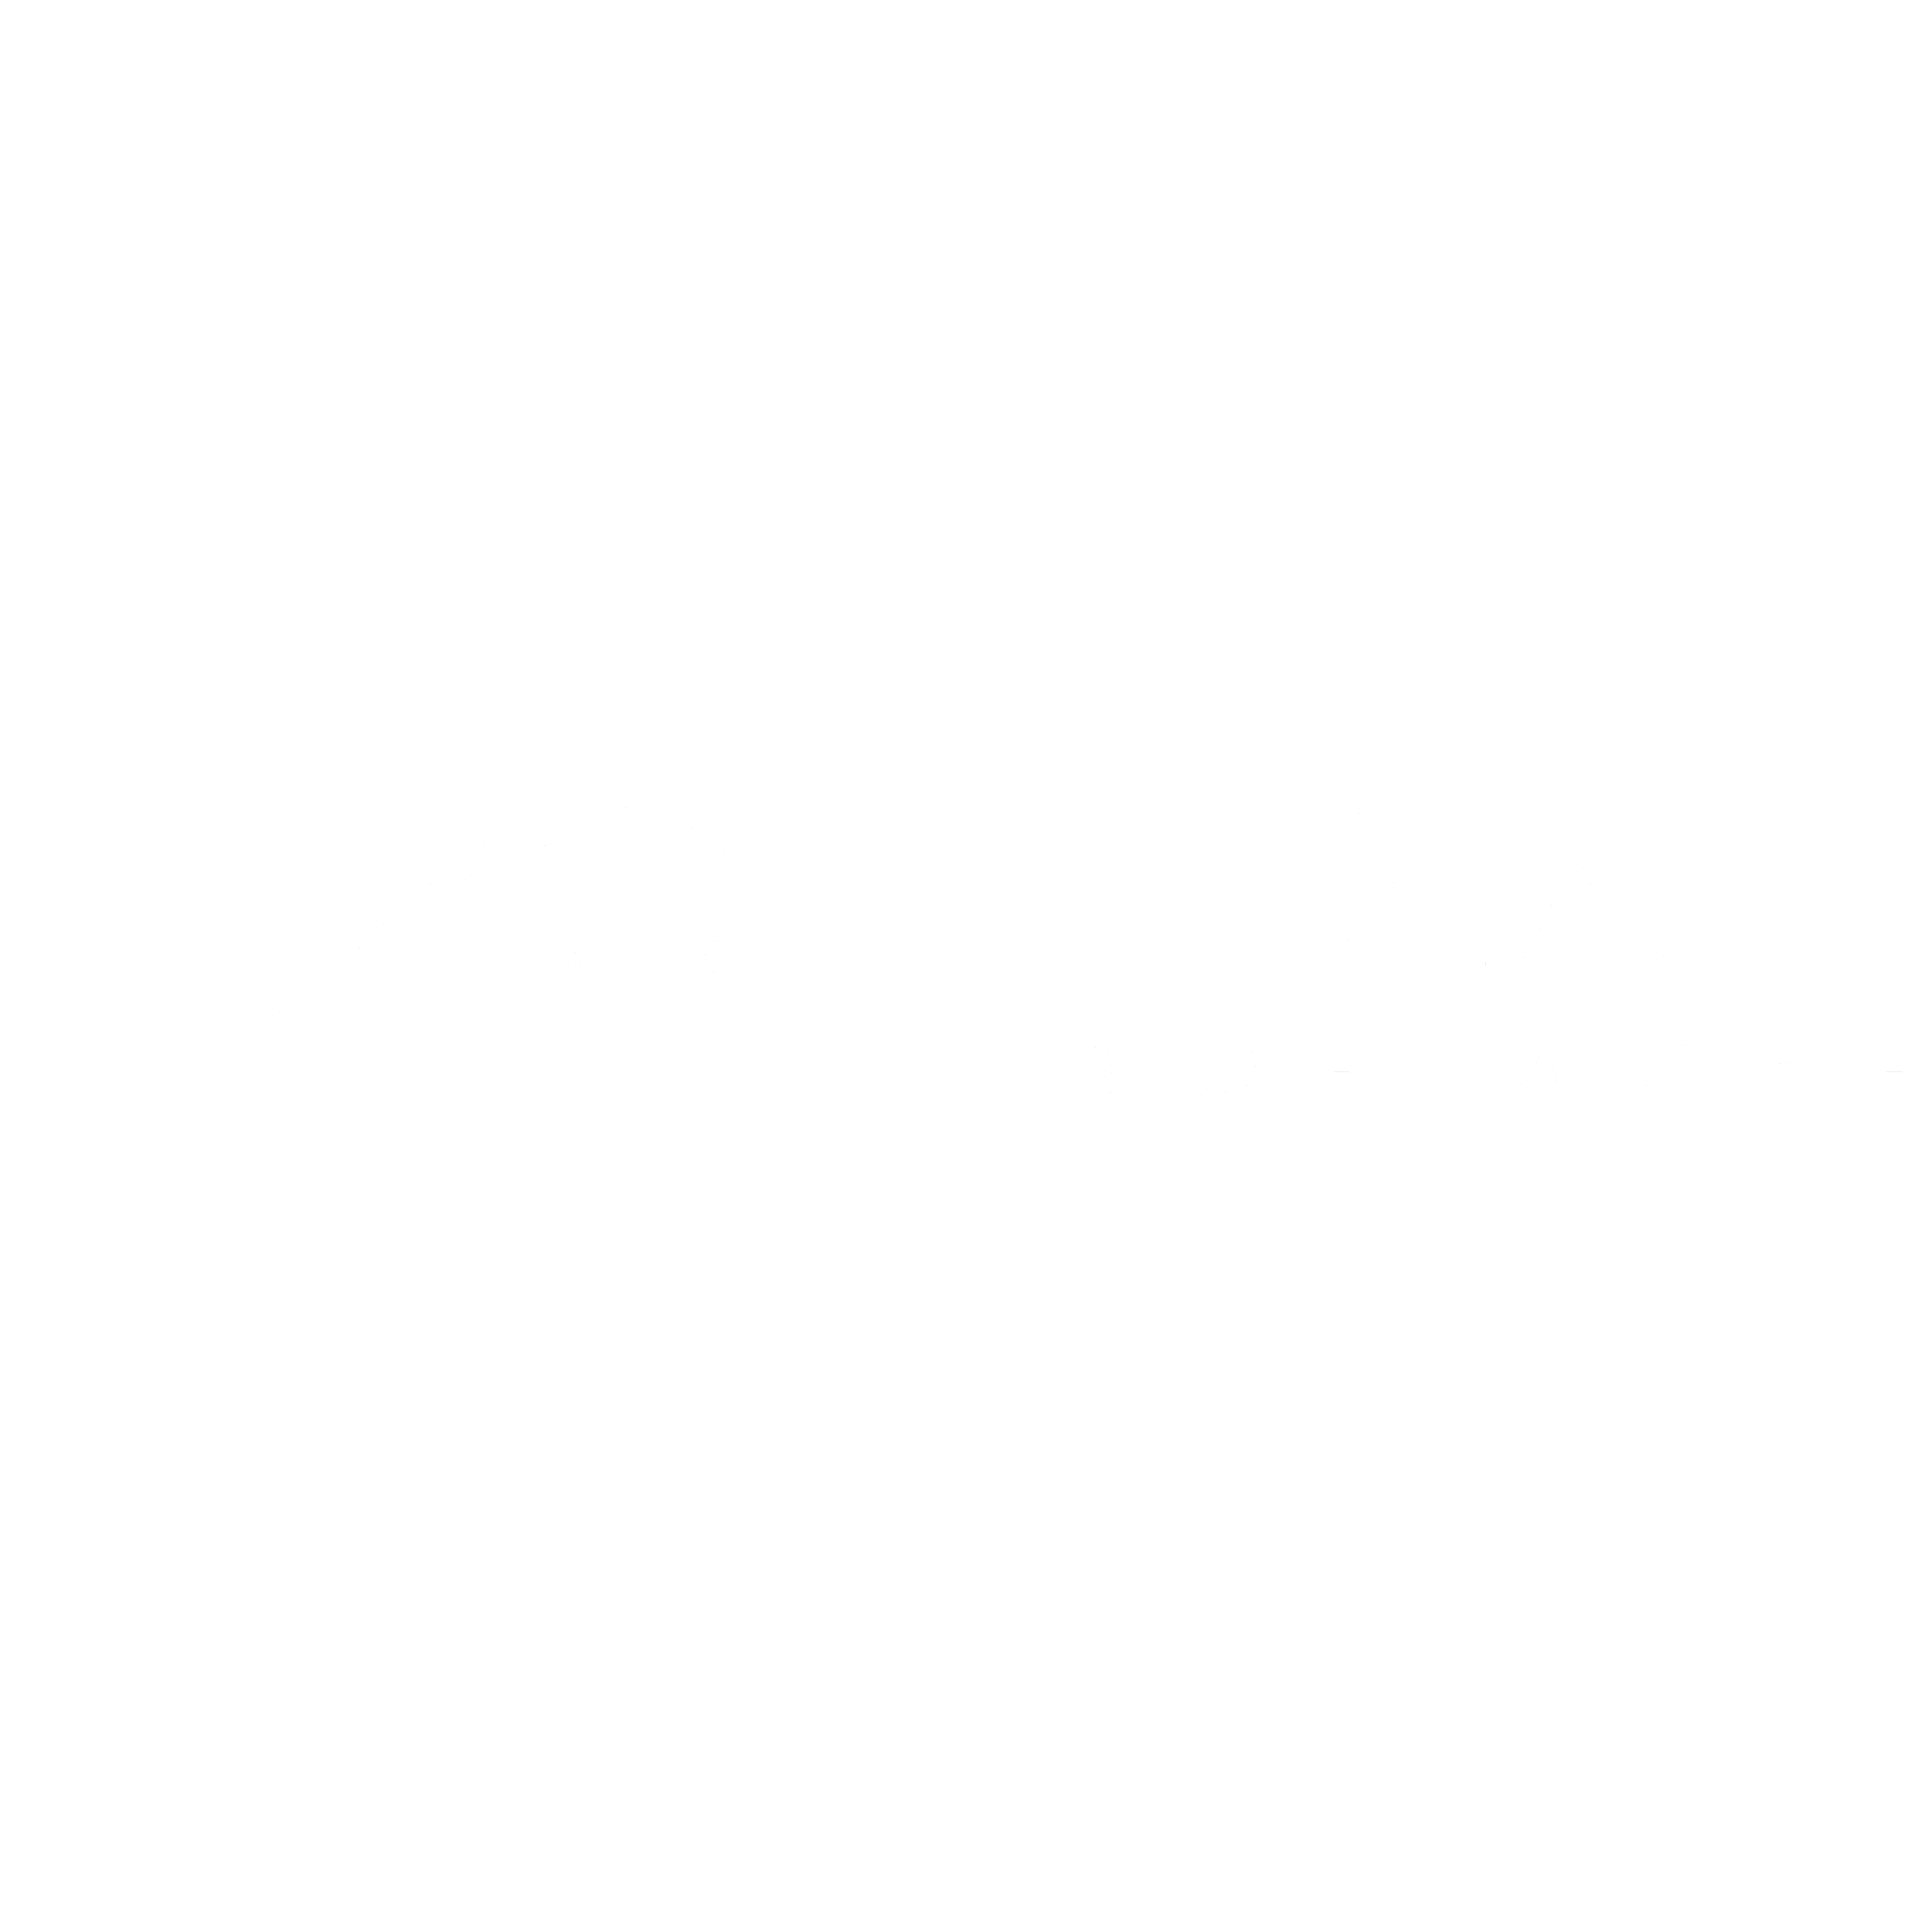 Tidal Software Logo Png Transparent Svg Vector Freebie Supply Download tidal logo png for. tidal software logo png transparent